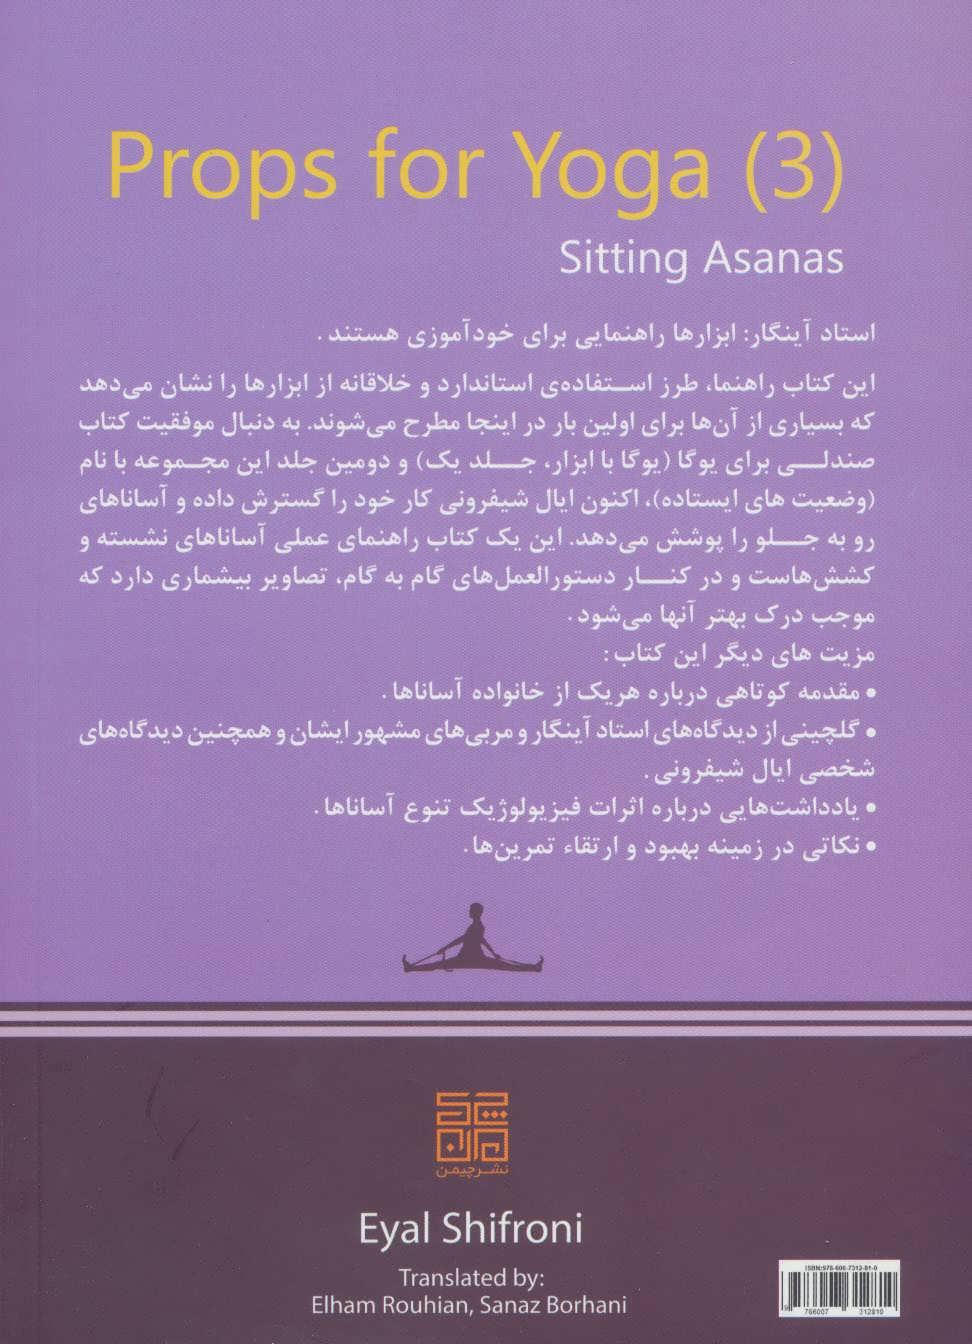 یوگا با ابزار 3 (وضعیت های نشسته)